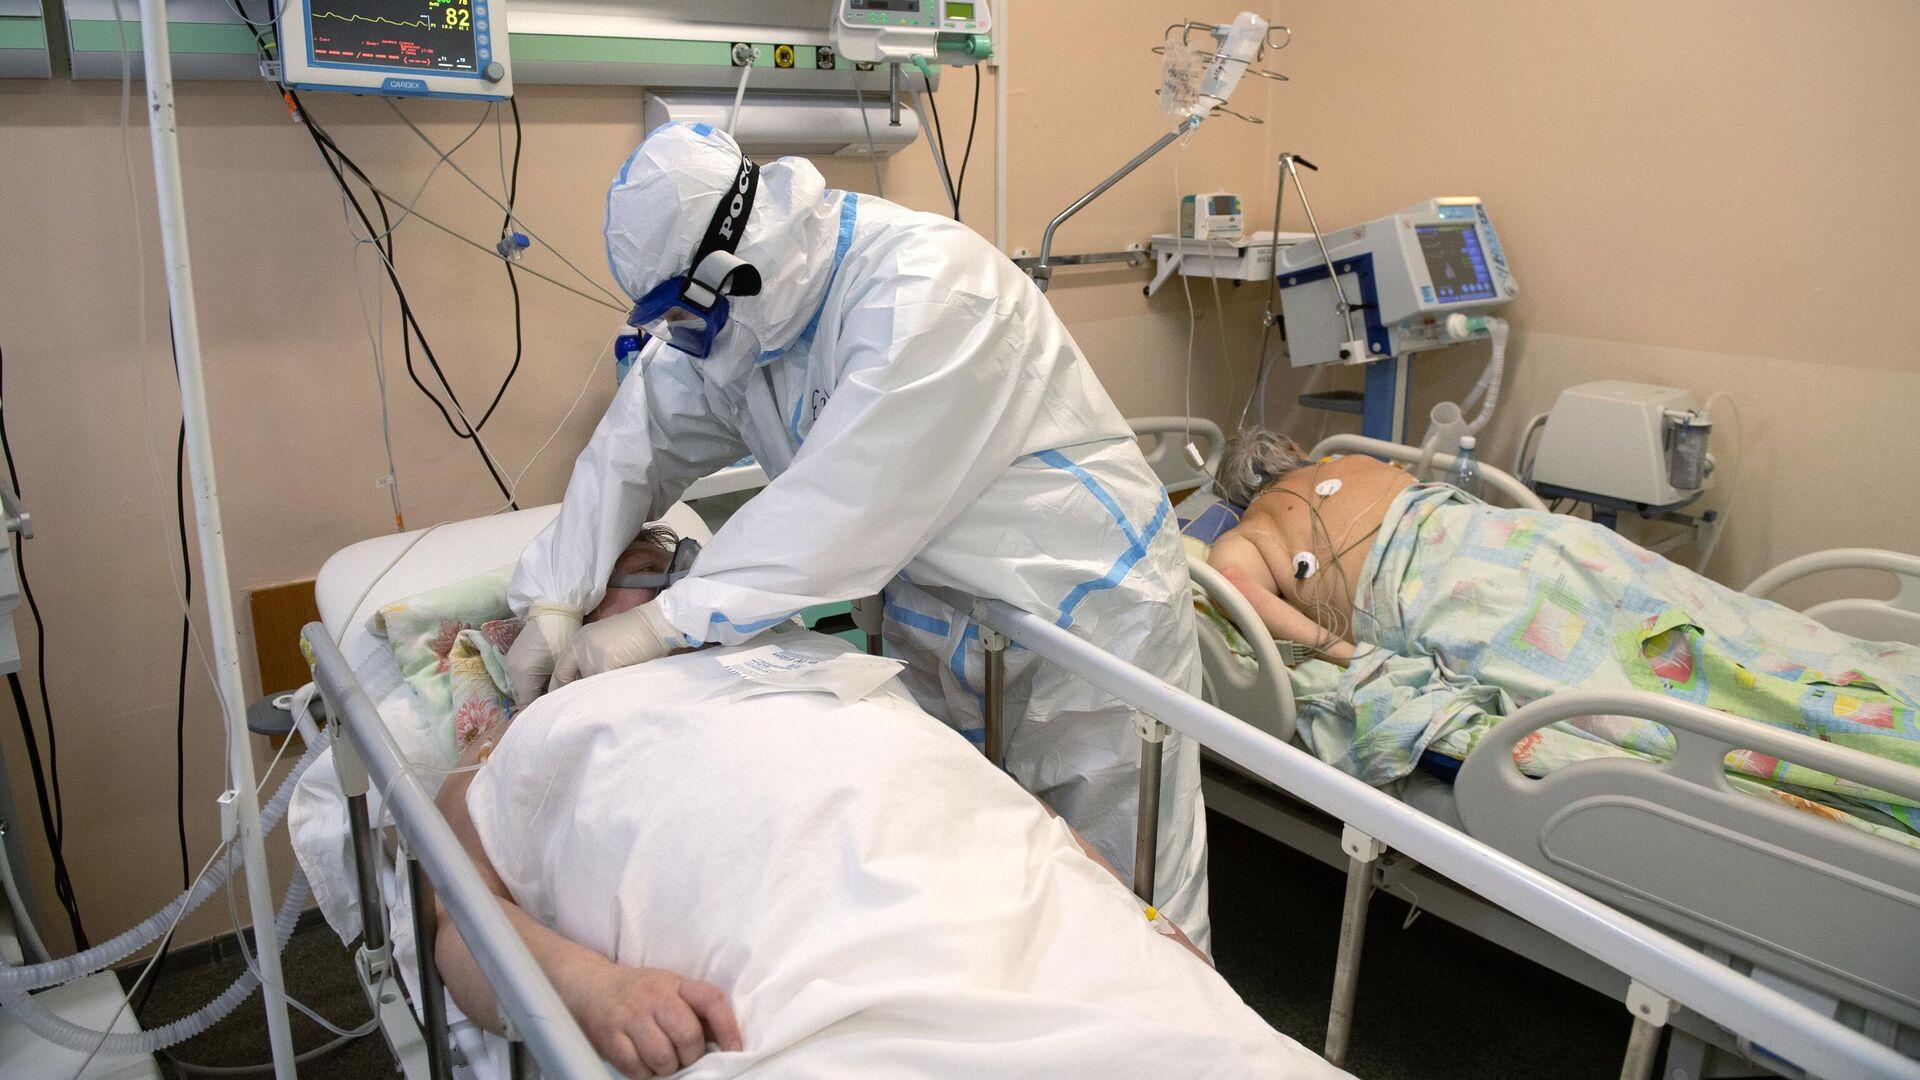 Медицинский работник в отделении реанимации и интенсивной терапии в госпитале для лечения больных COVID-19 в Тверской областной больнице - РИА Новости, 1920, 08.01.2021